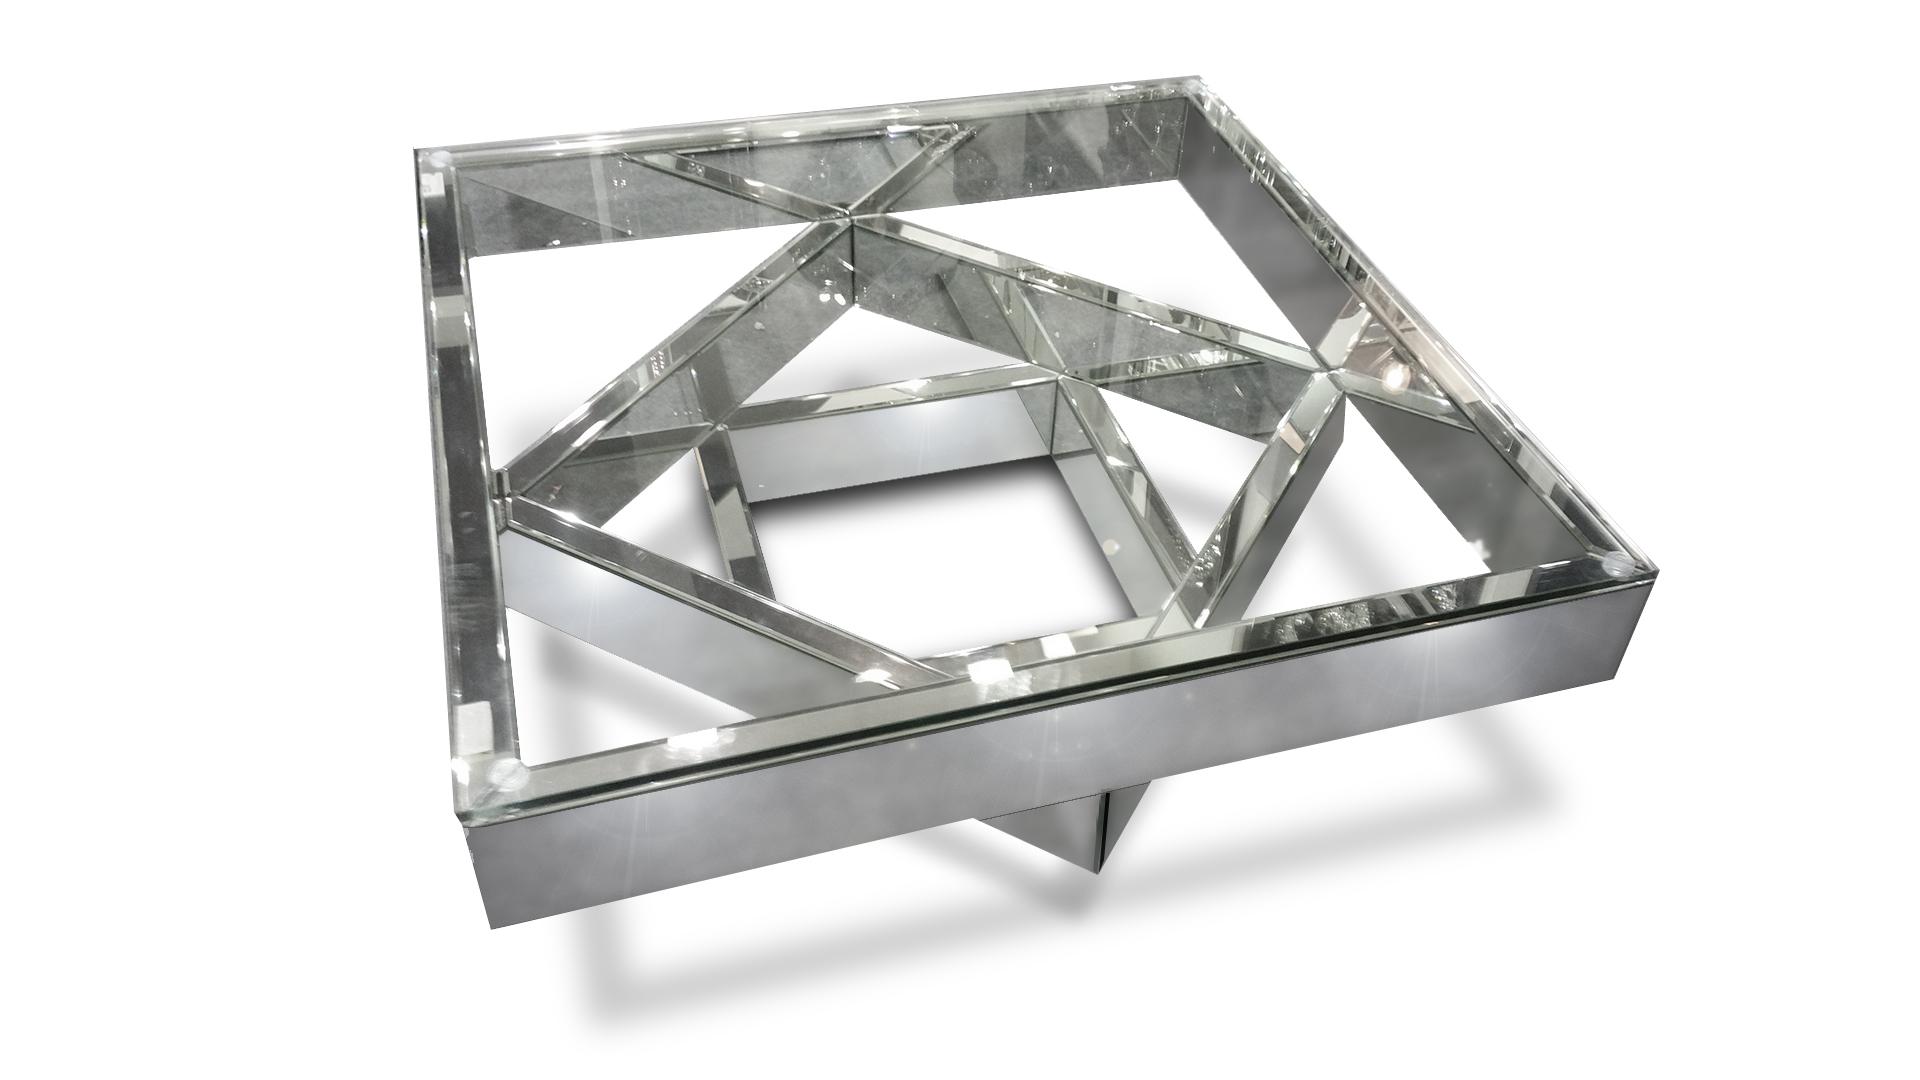 Grande table basse bois et verre - Faire une table basse avec des palettes ...